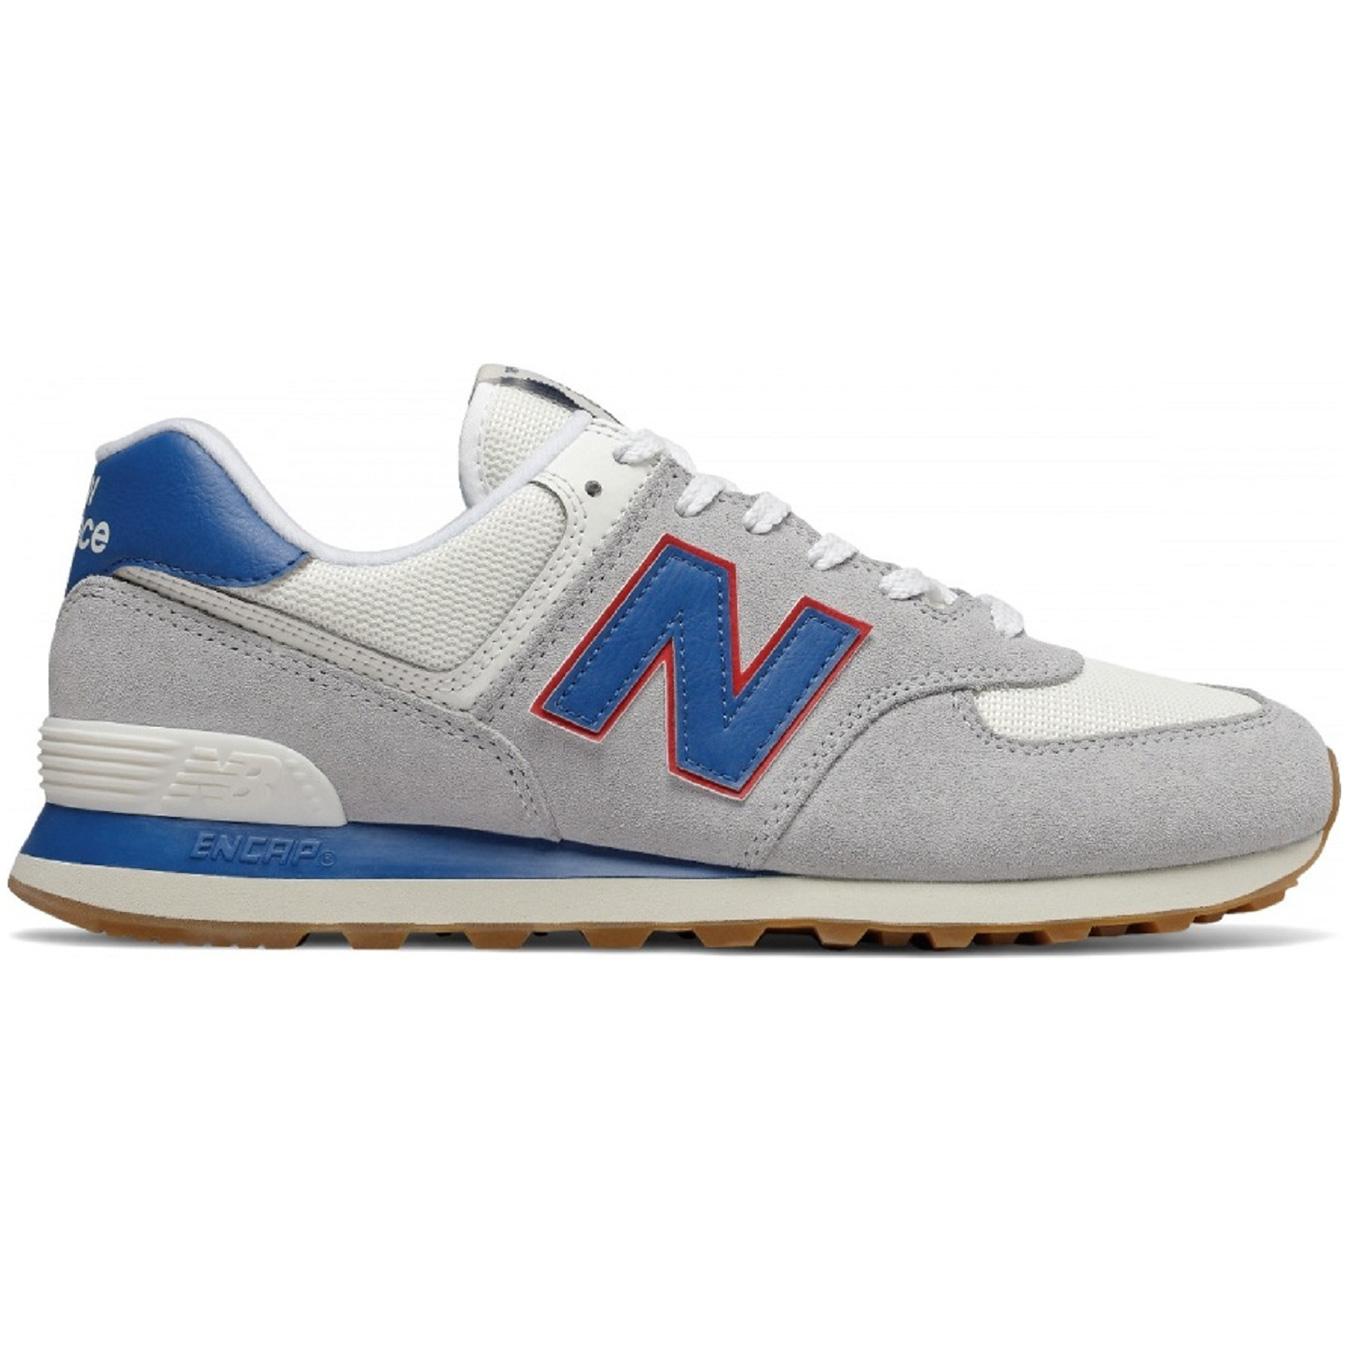 New Balance ML574ERH Herren Sneaker grau blau 738181-60-12